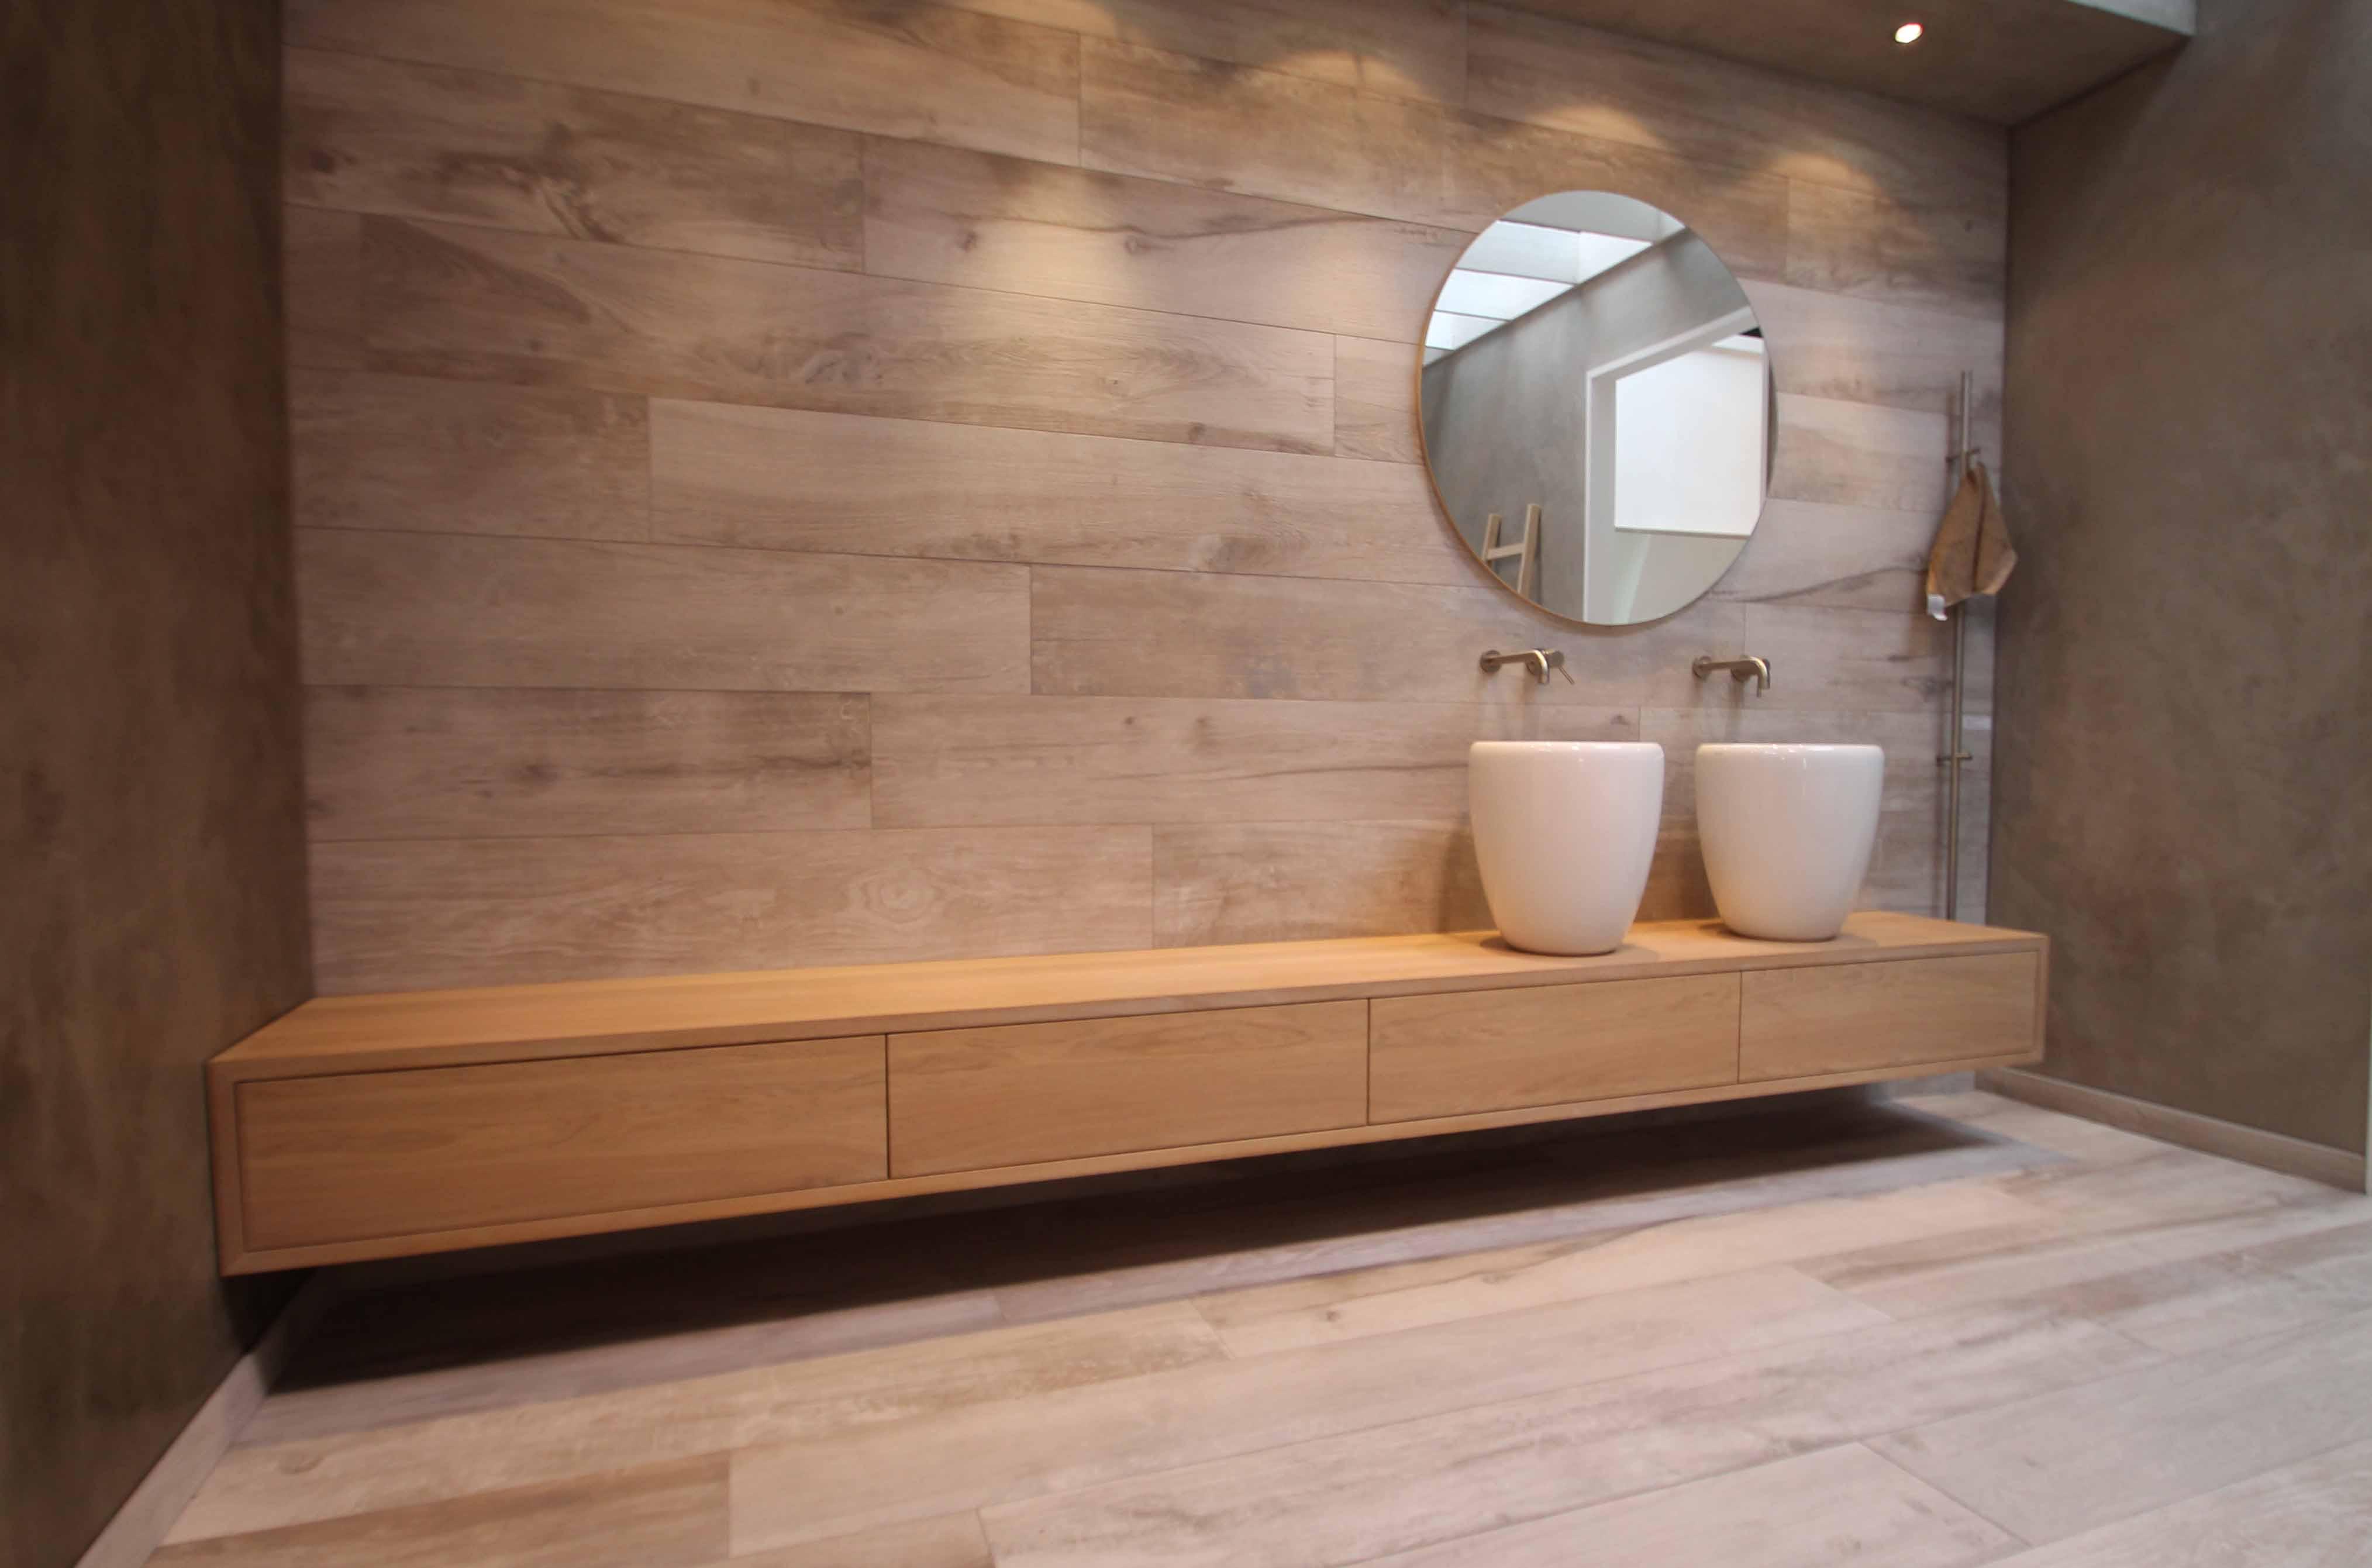 Badkamer Hout Natuursteen : Natuursteen en hout komen prachtig tot hun recht in je badkamer